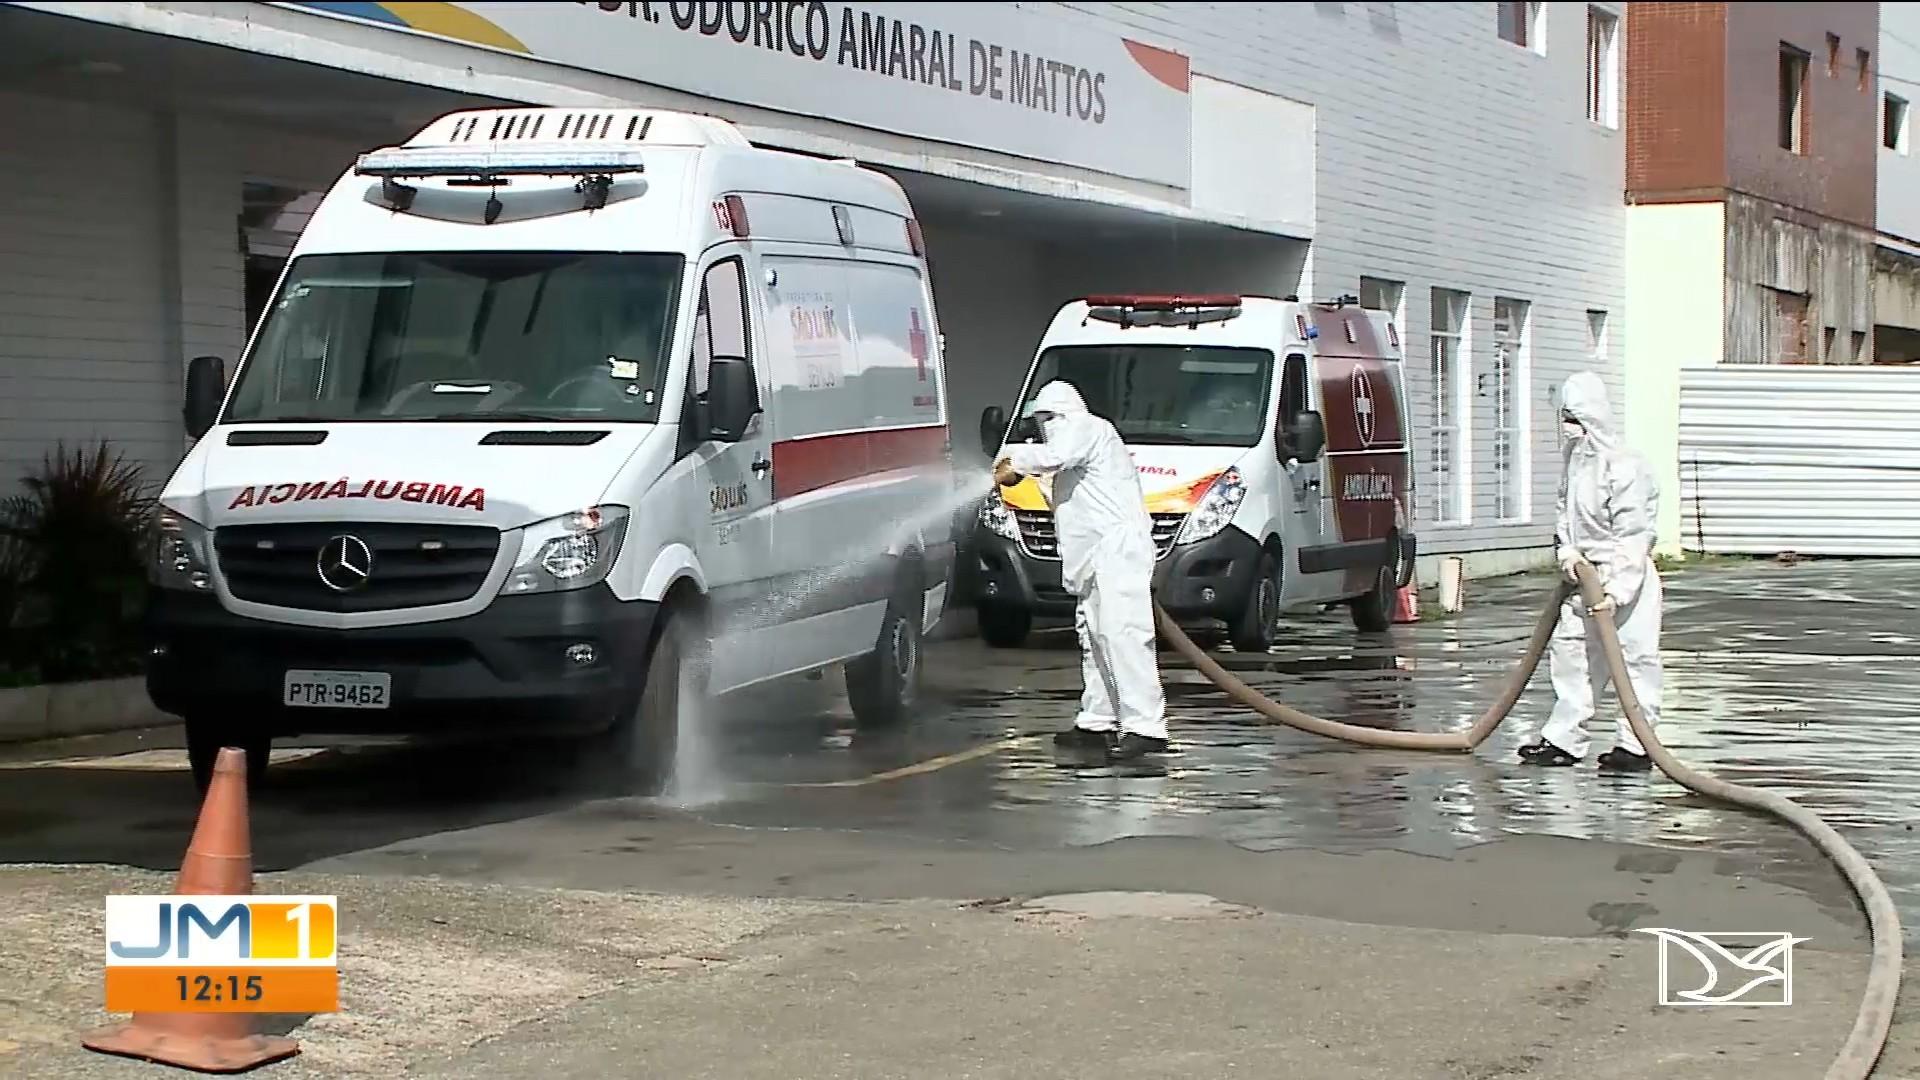 Exército realiza força-tarefa para higienizar hospitais de São Luís